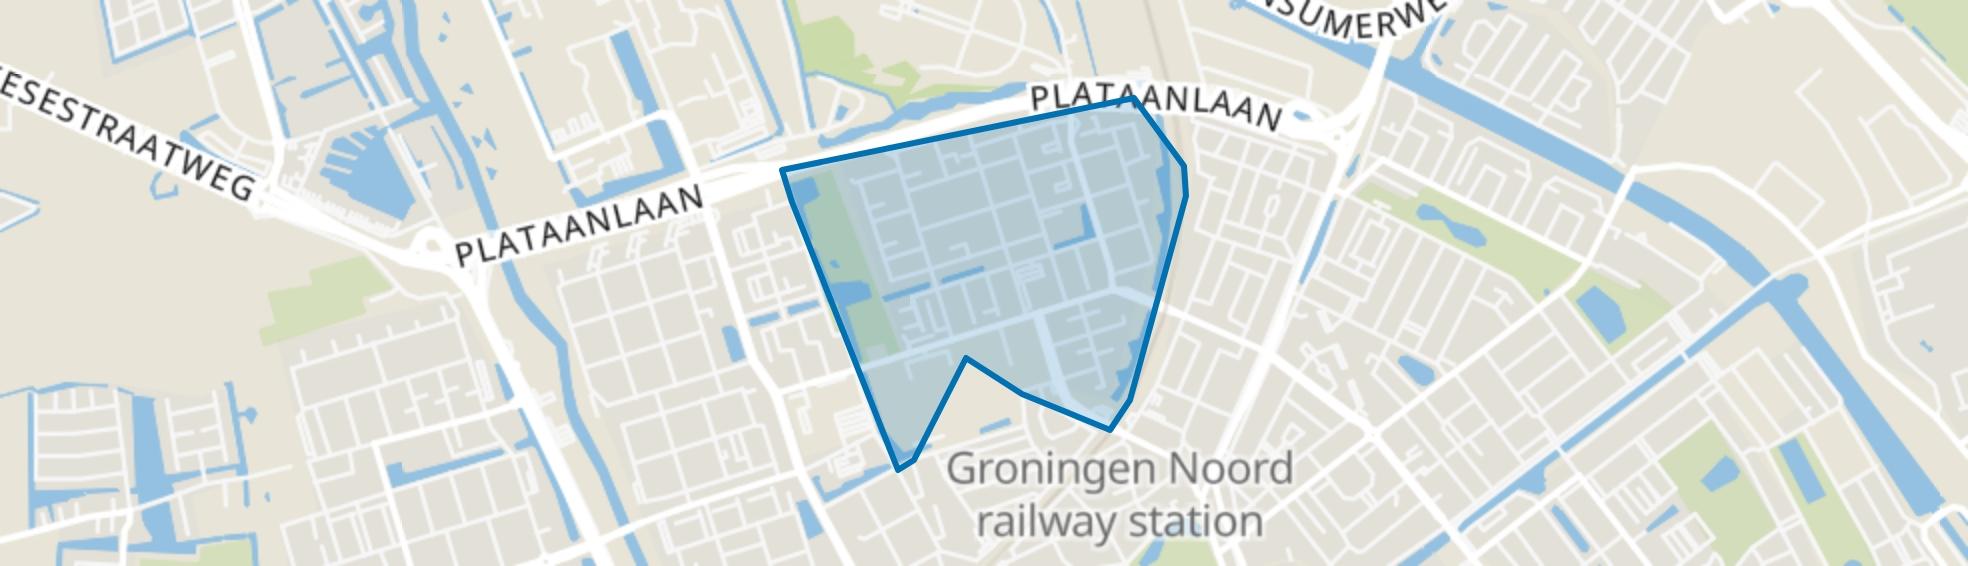 Selwerd, Groningen map